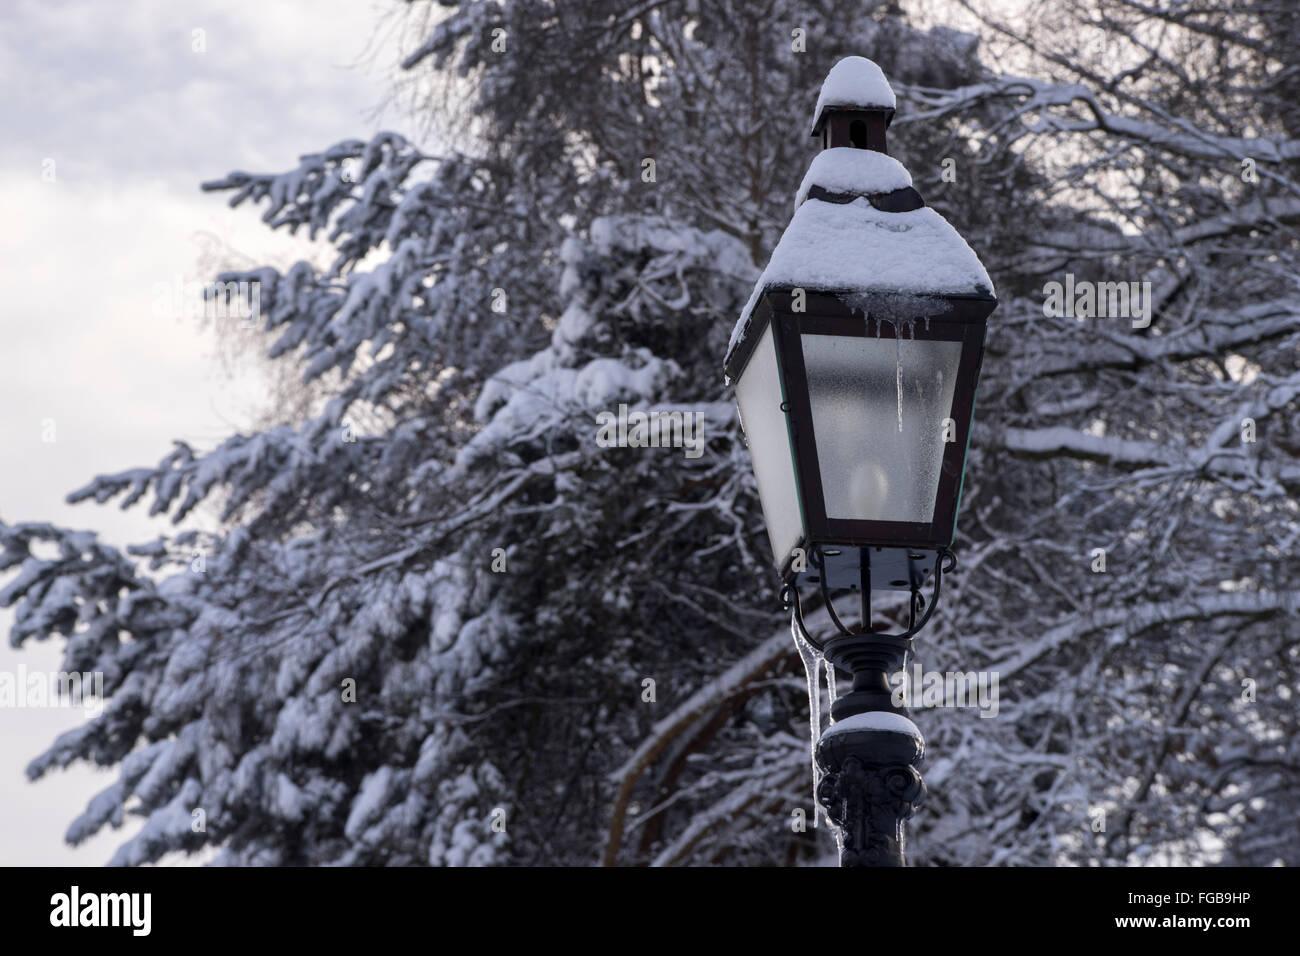 La lumière de la pole position à l'hiver Photo Stock